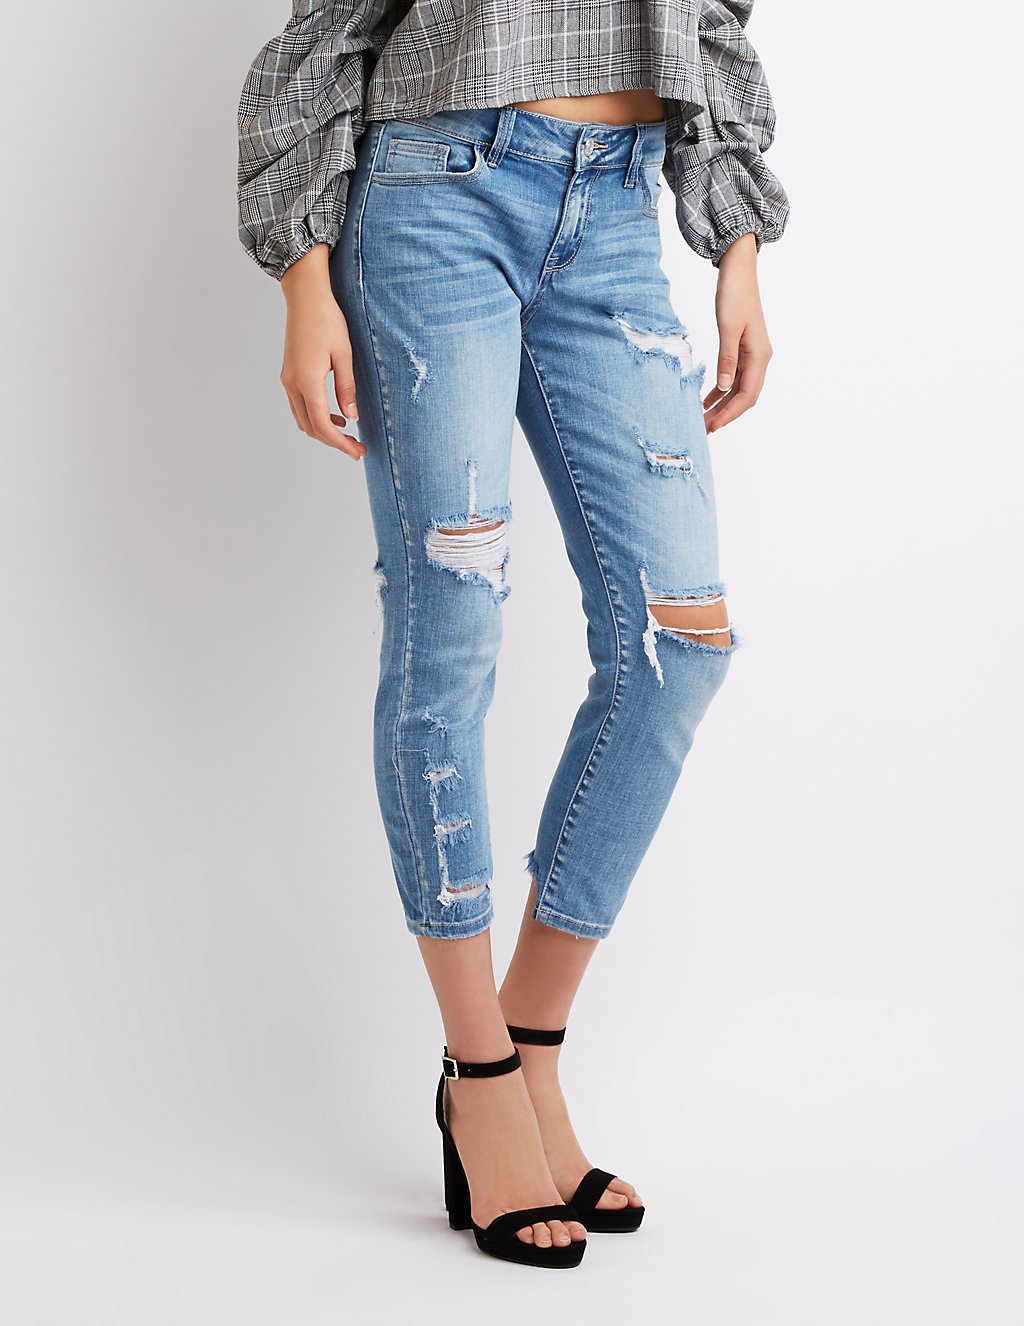 Refuge Crop Boyfriend Destroyed Jeans, $32.99